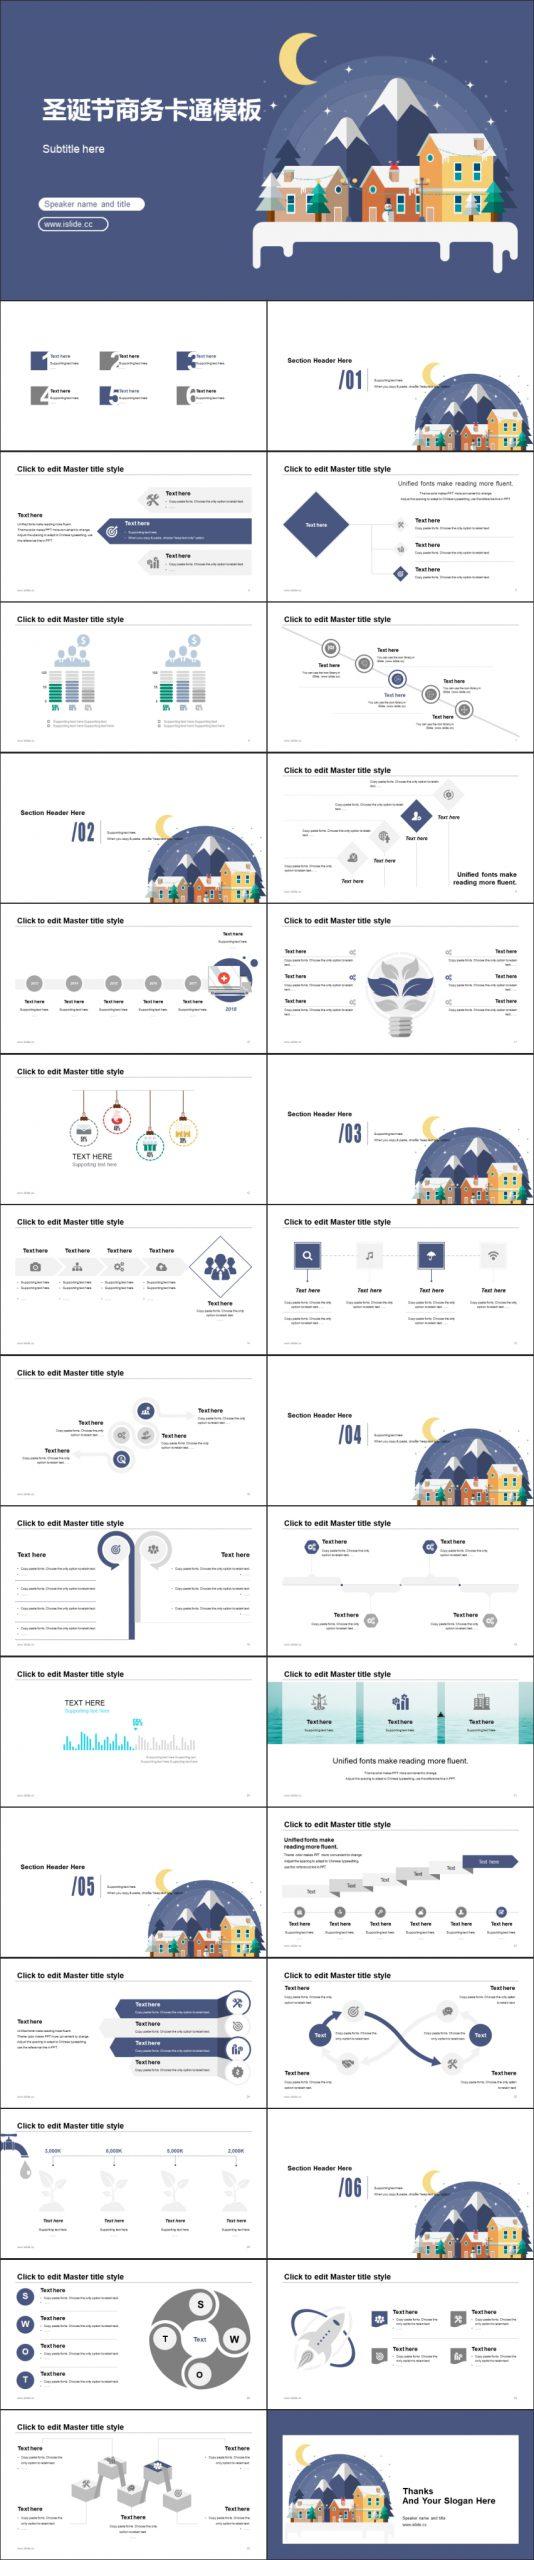 冬日圣诞节贺卡节日庆典PPT模板下载_预览图2